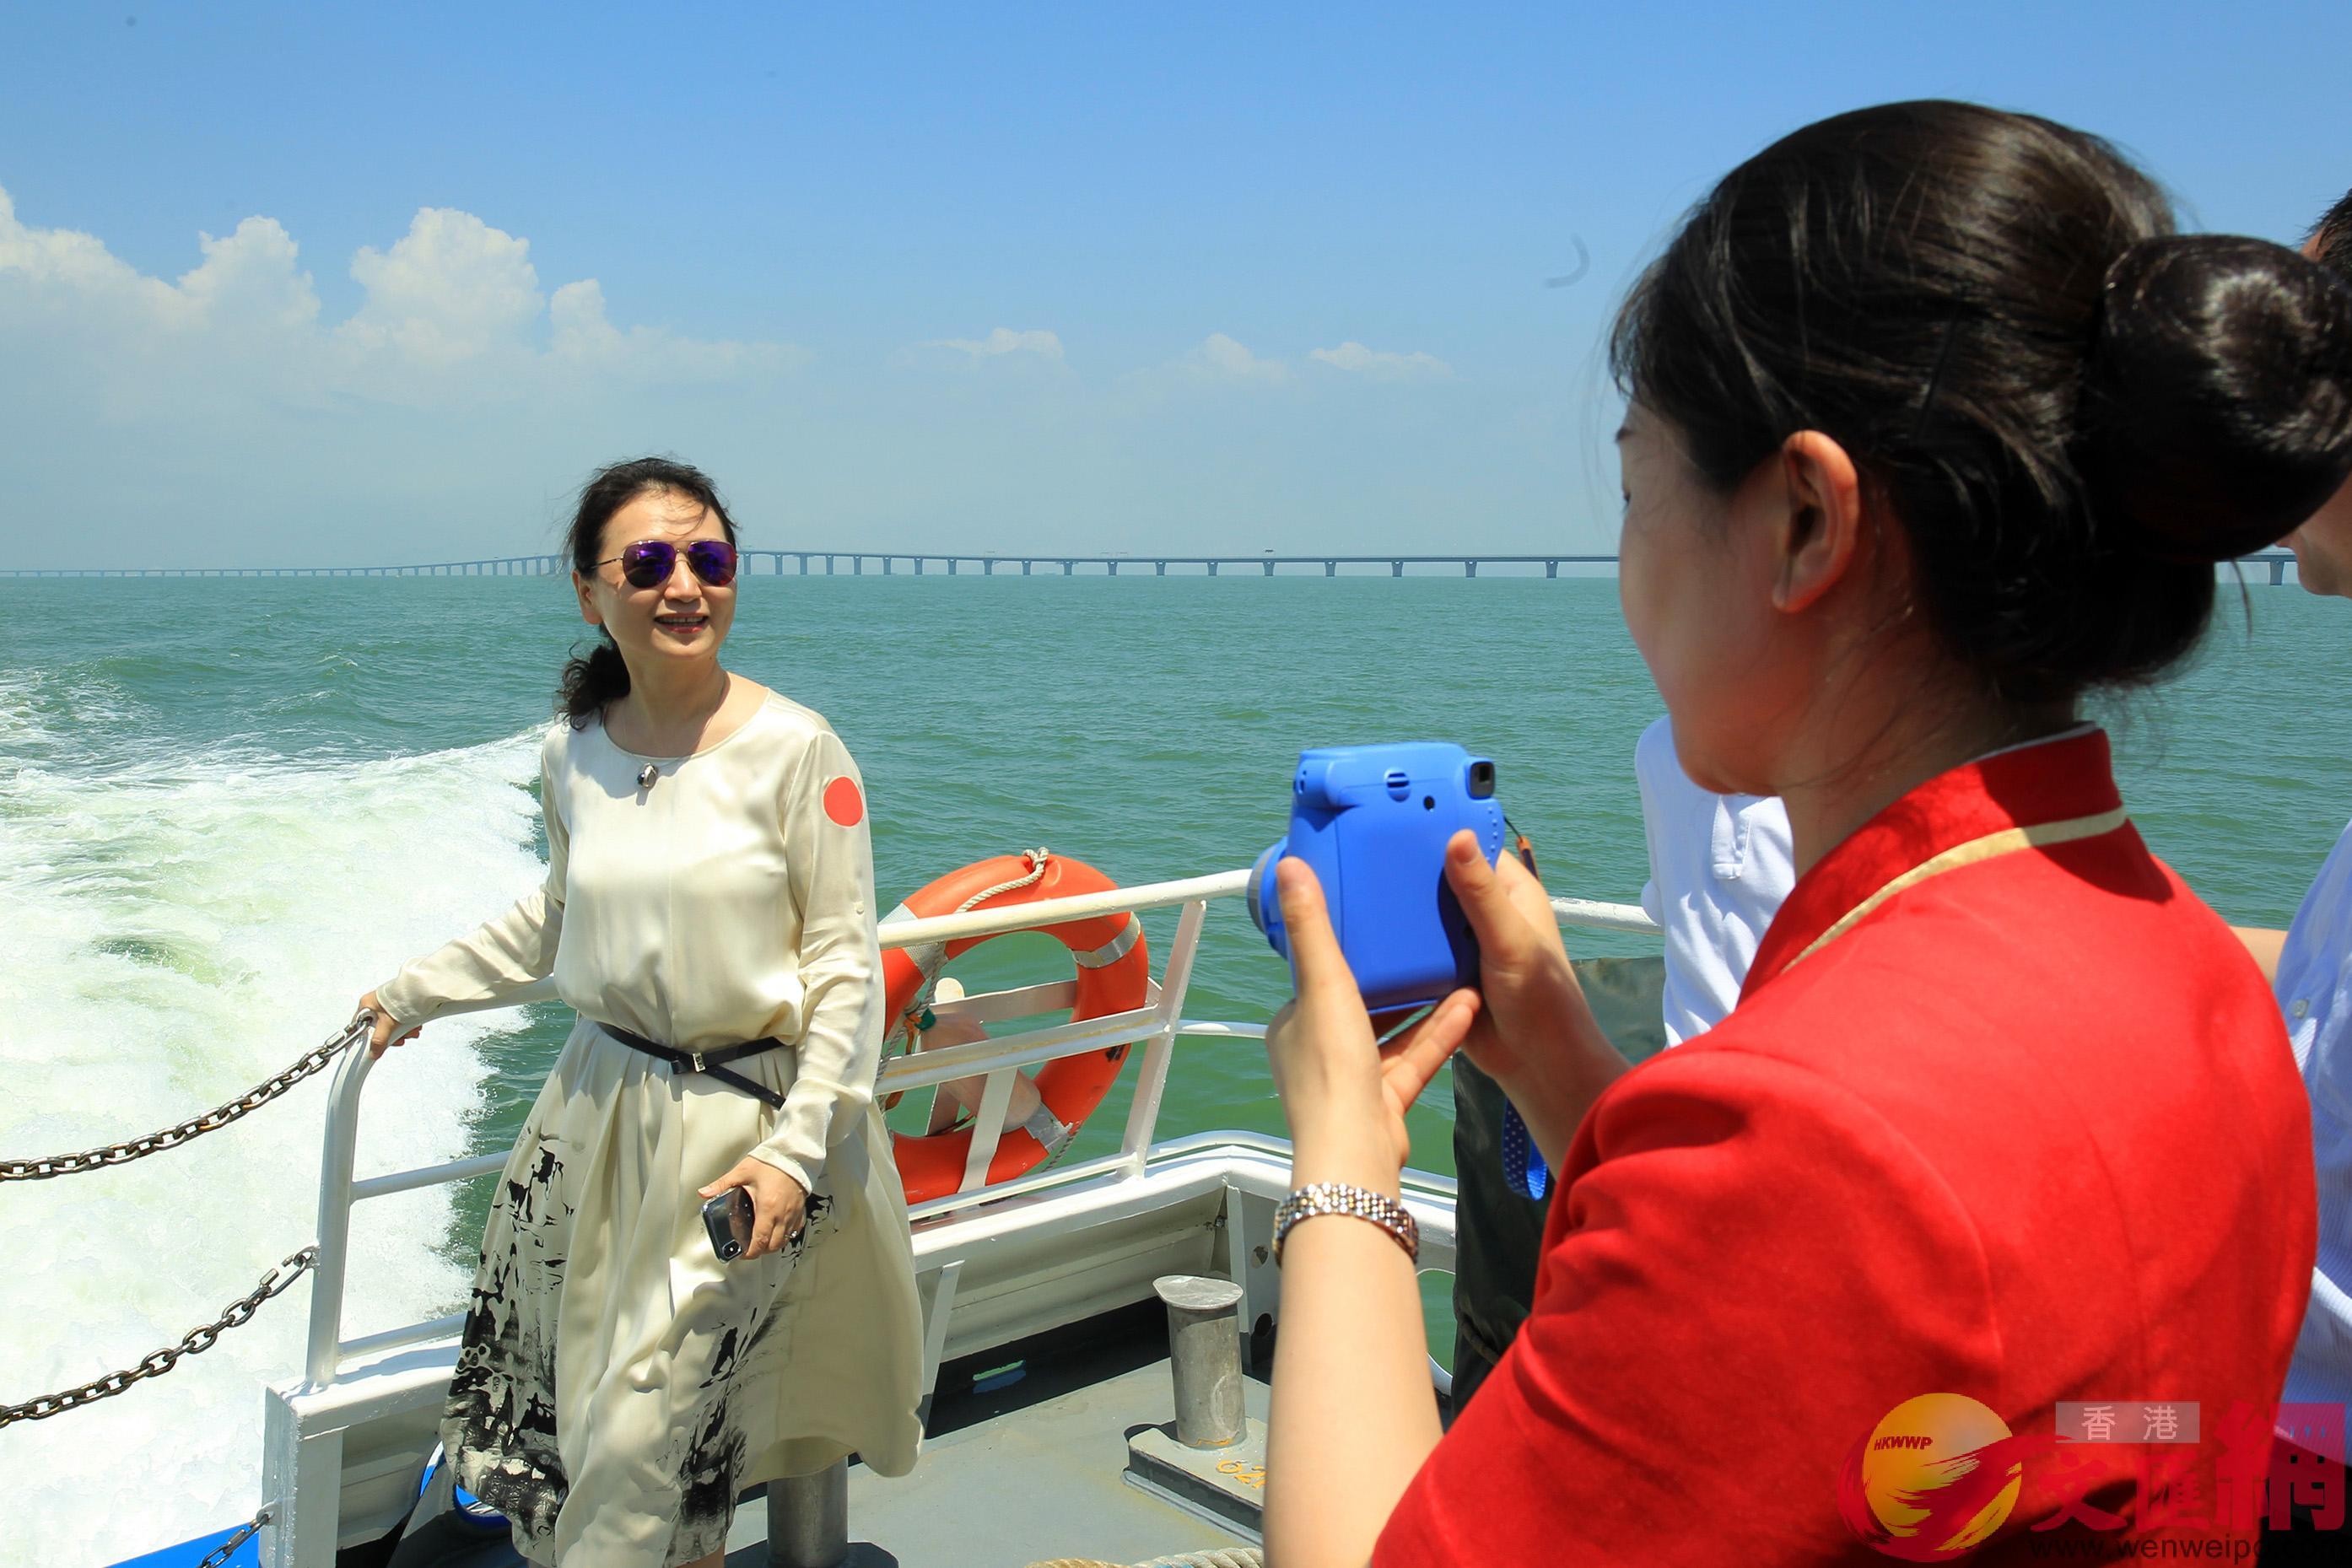 游客乘坐内地最快的新型豪华双体客船游览,纷纷以大桥为背景拍照留念。(記者 方俊明 摄)